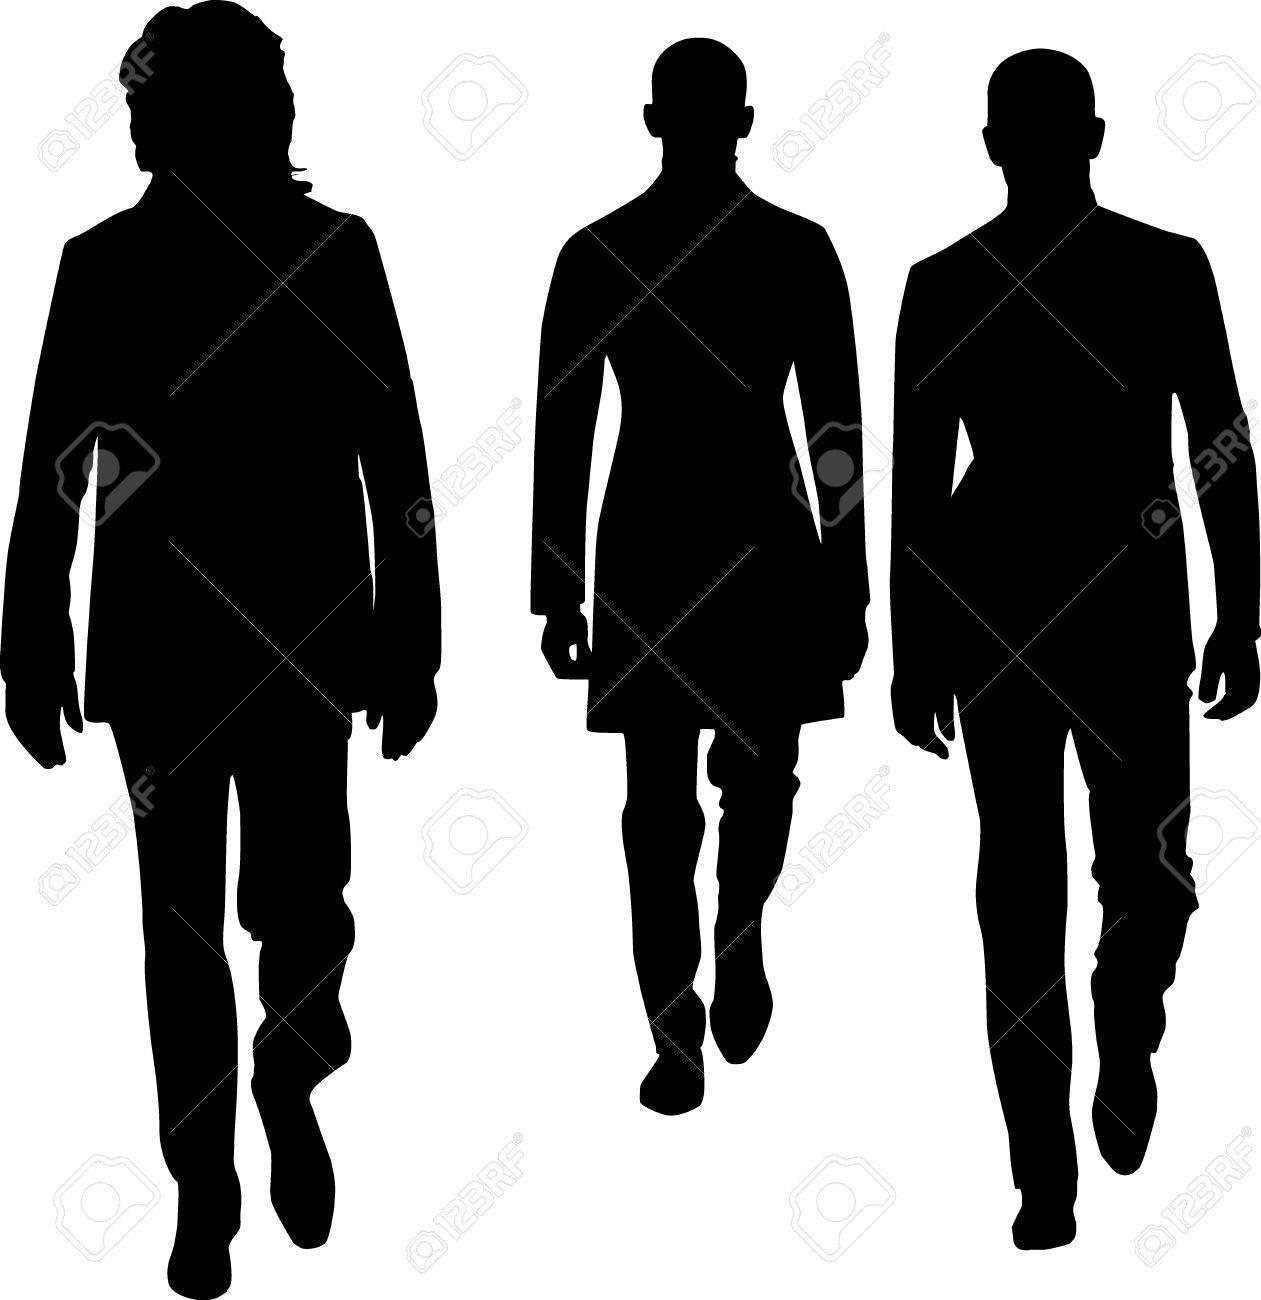 Silhouette fashion men Stock Vector - 14100047